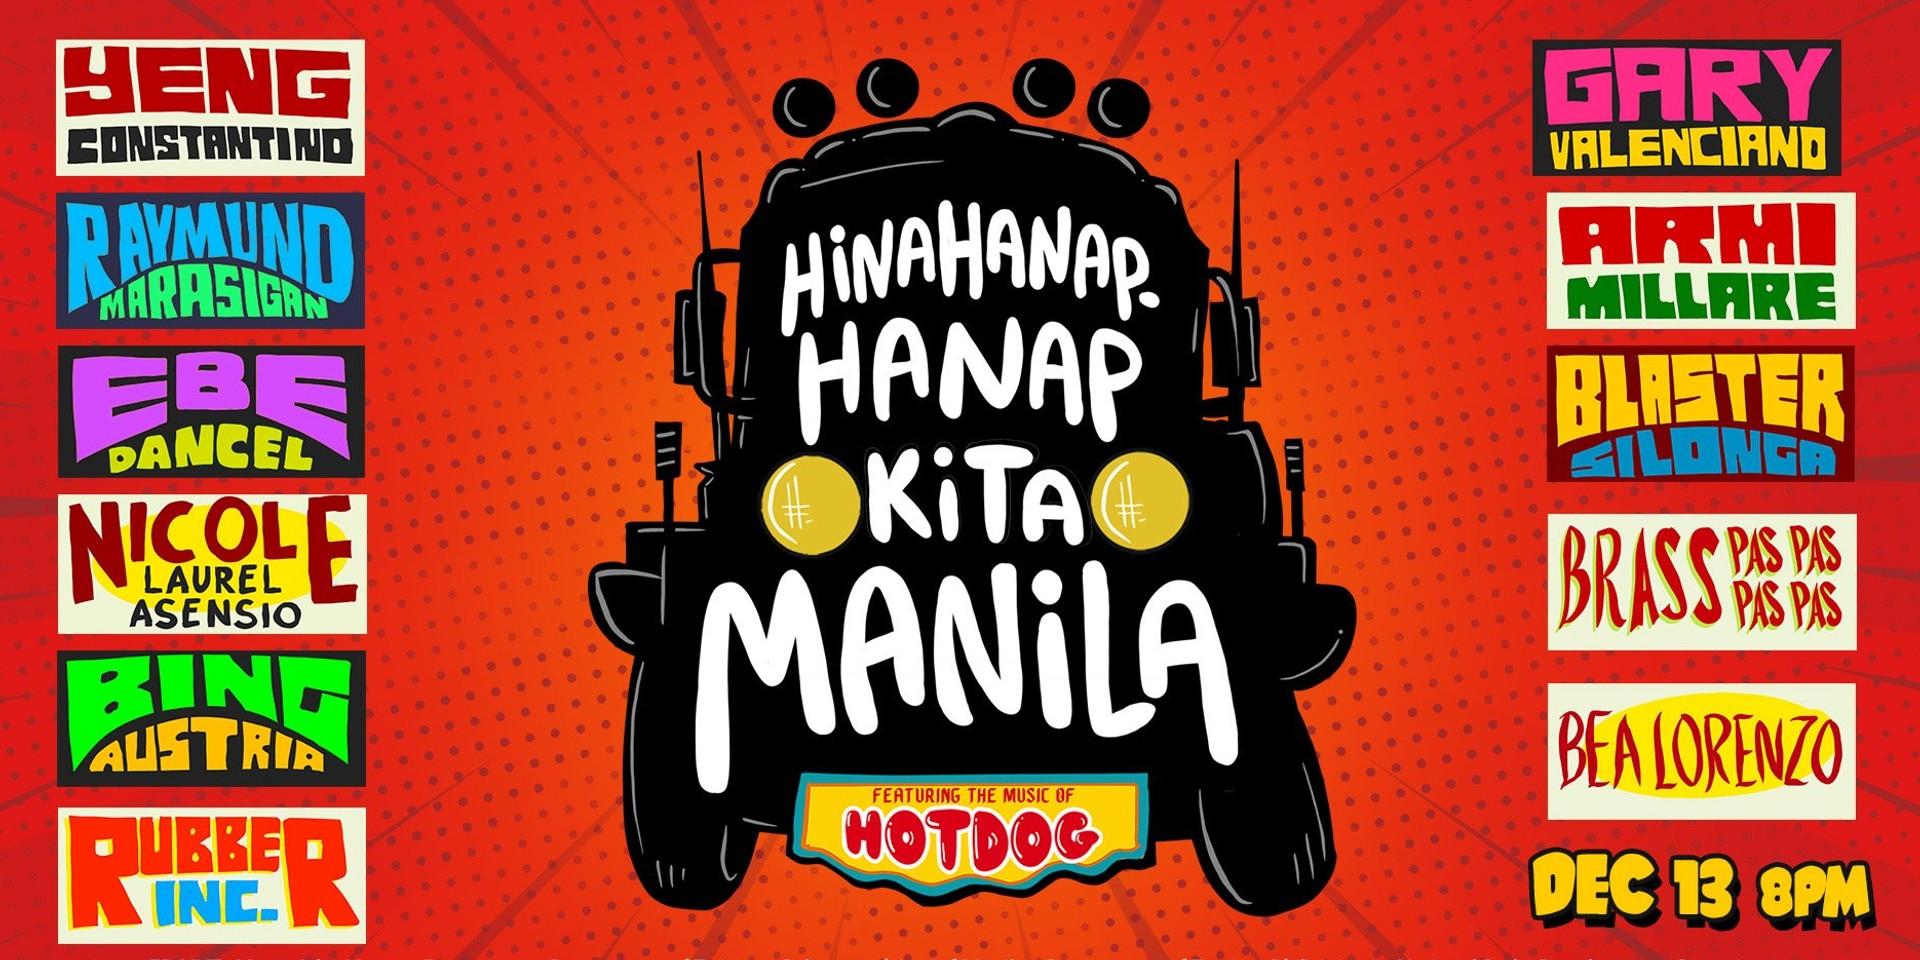 Armi Millare, Blaster Silonga, Gary Valenciano, Raymund Marasigan, Ebe Dancel, and more to pay tribute to Hotdog in Hinahanap-Hanap Kita Manila concert